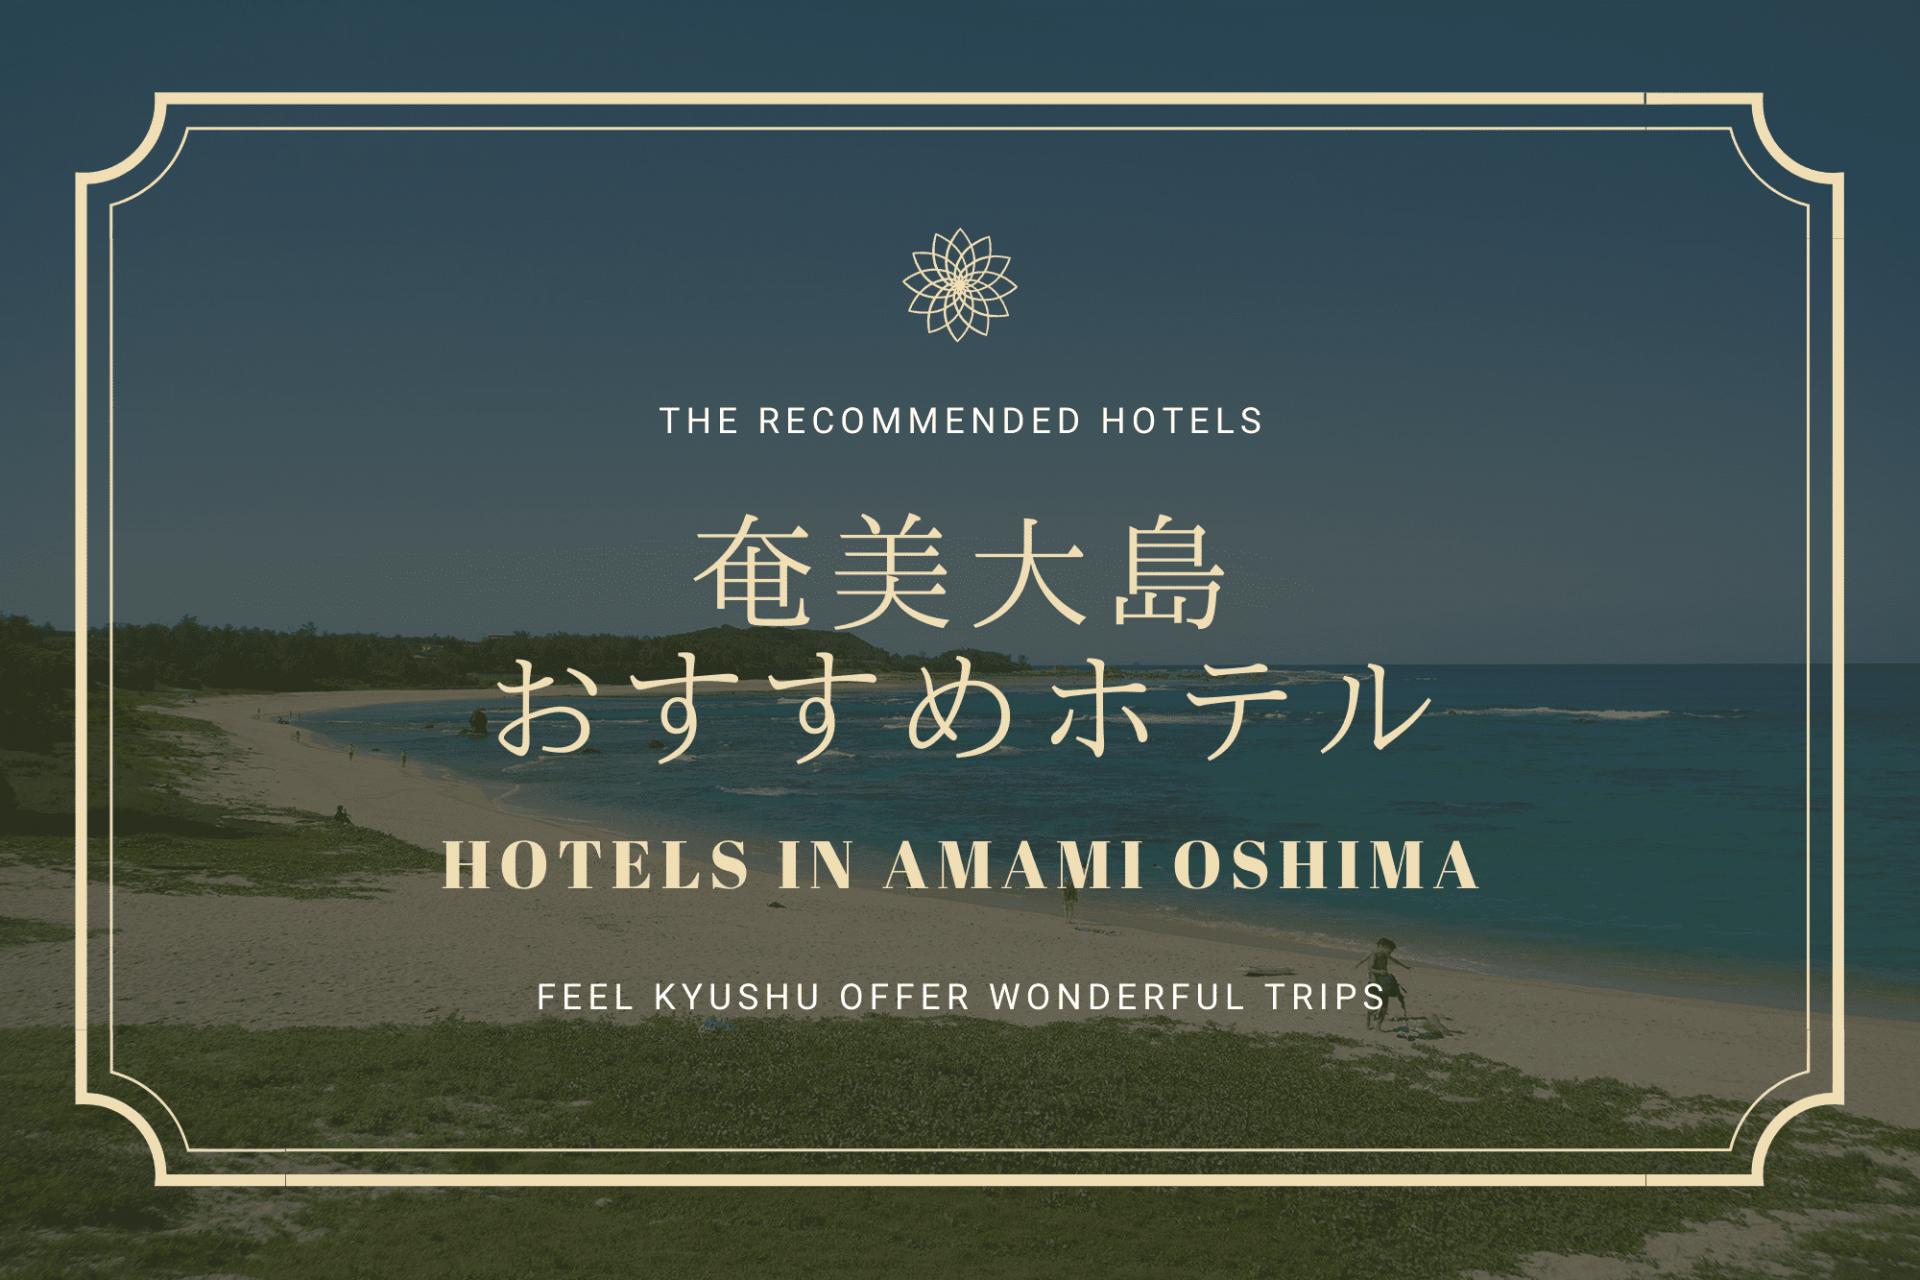 奄美大島 おすすめ ホテル 九州 旅行 観光